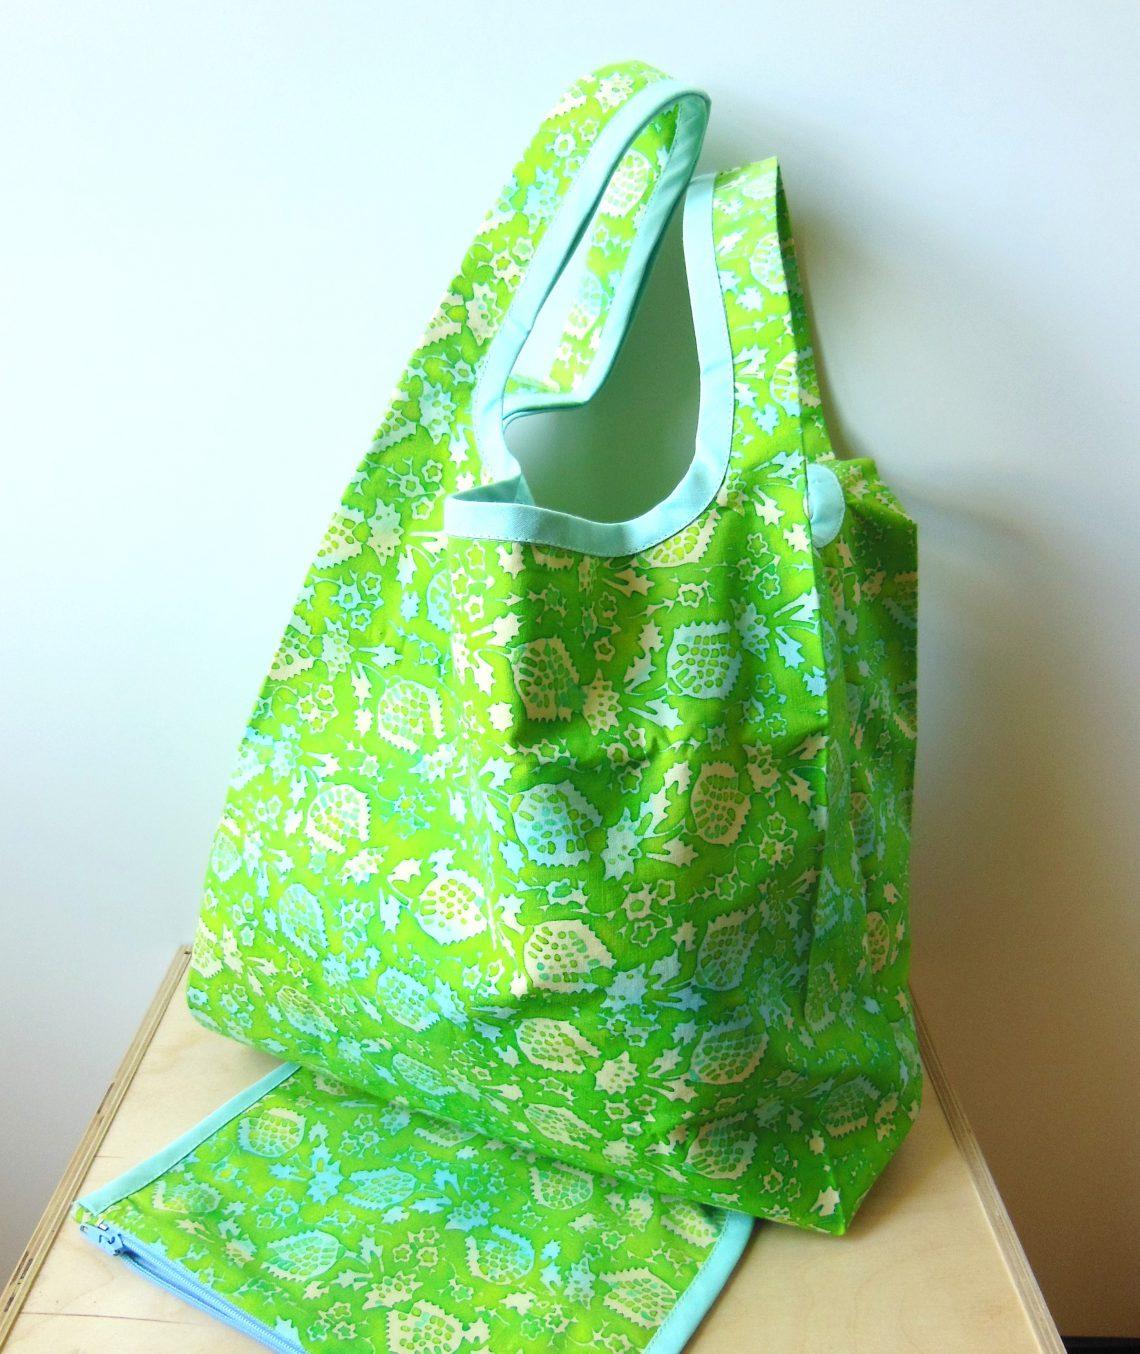 sac de courses en tissu pour remplacer les sacs plastique l 39 atelier dans l 39 arbre blog de couture. Black Bedroom Furniture Sets. Home Design Ideas